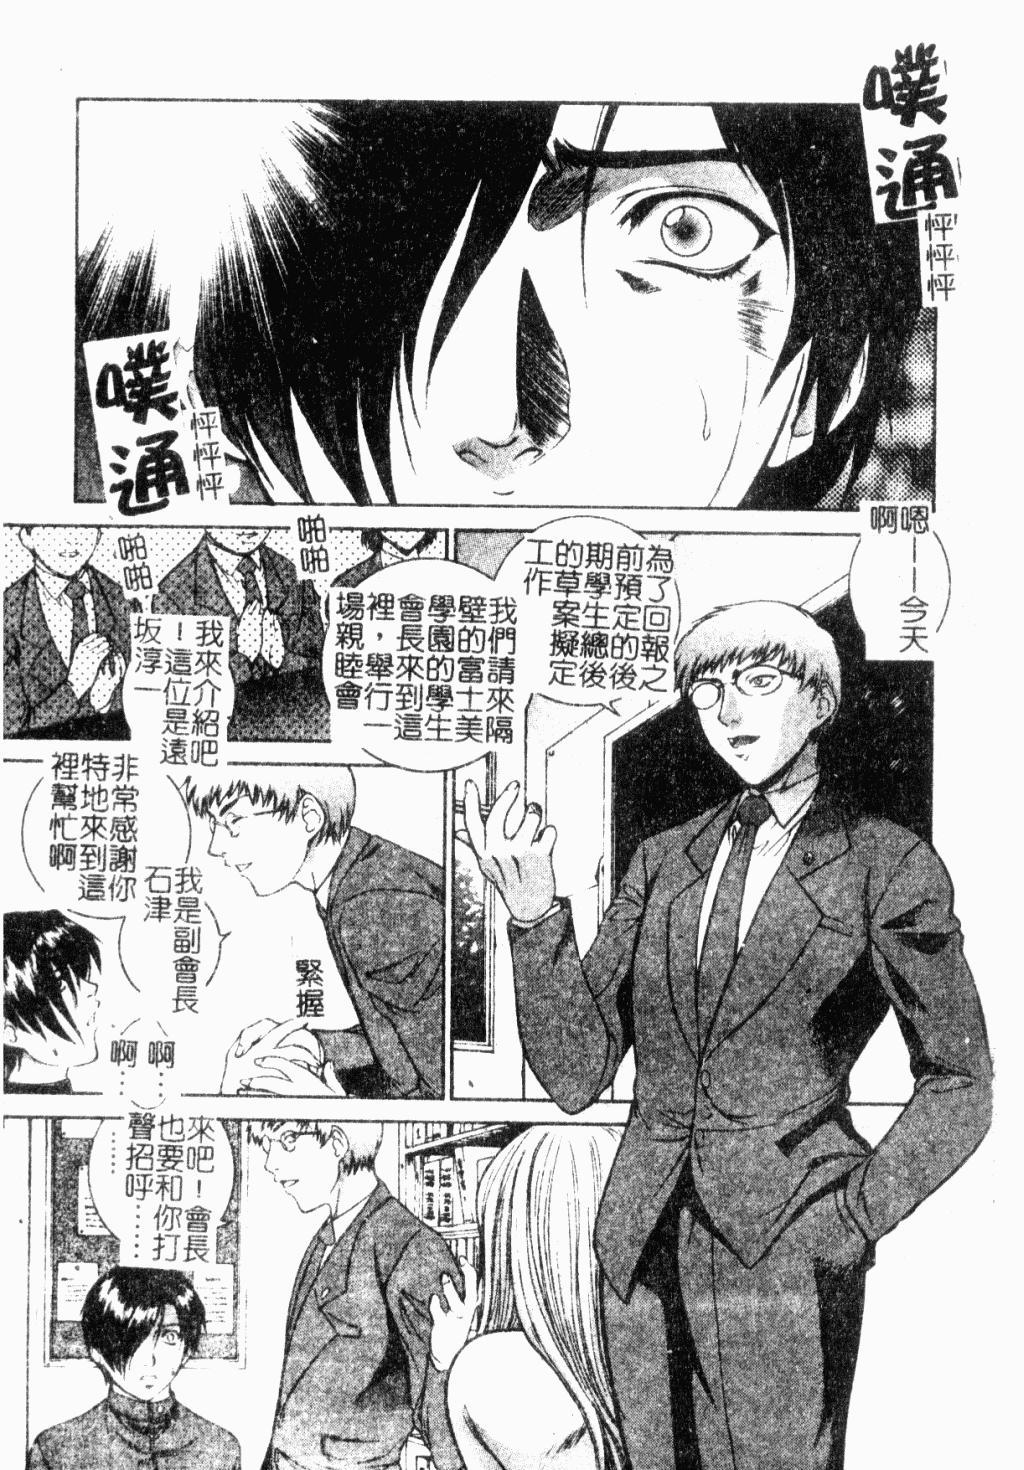 Choukyou Gakuen 2 Genteiban 38